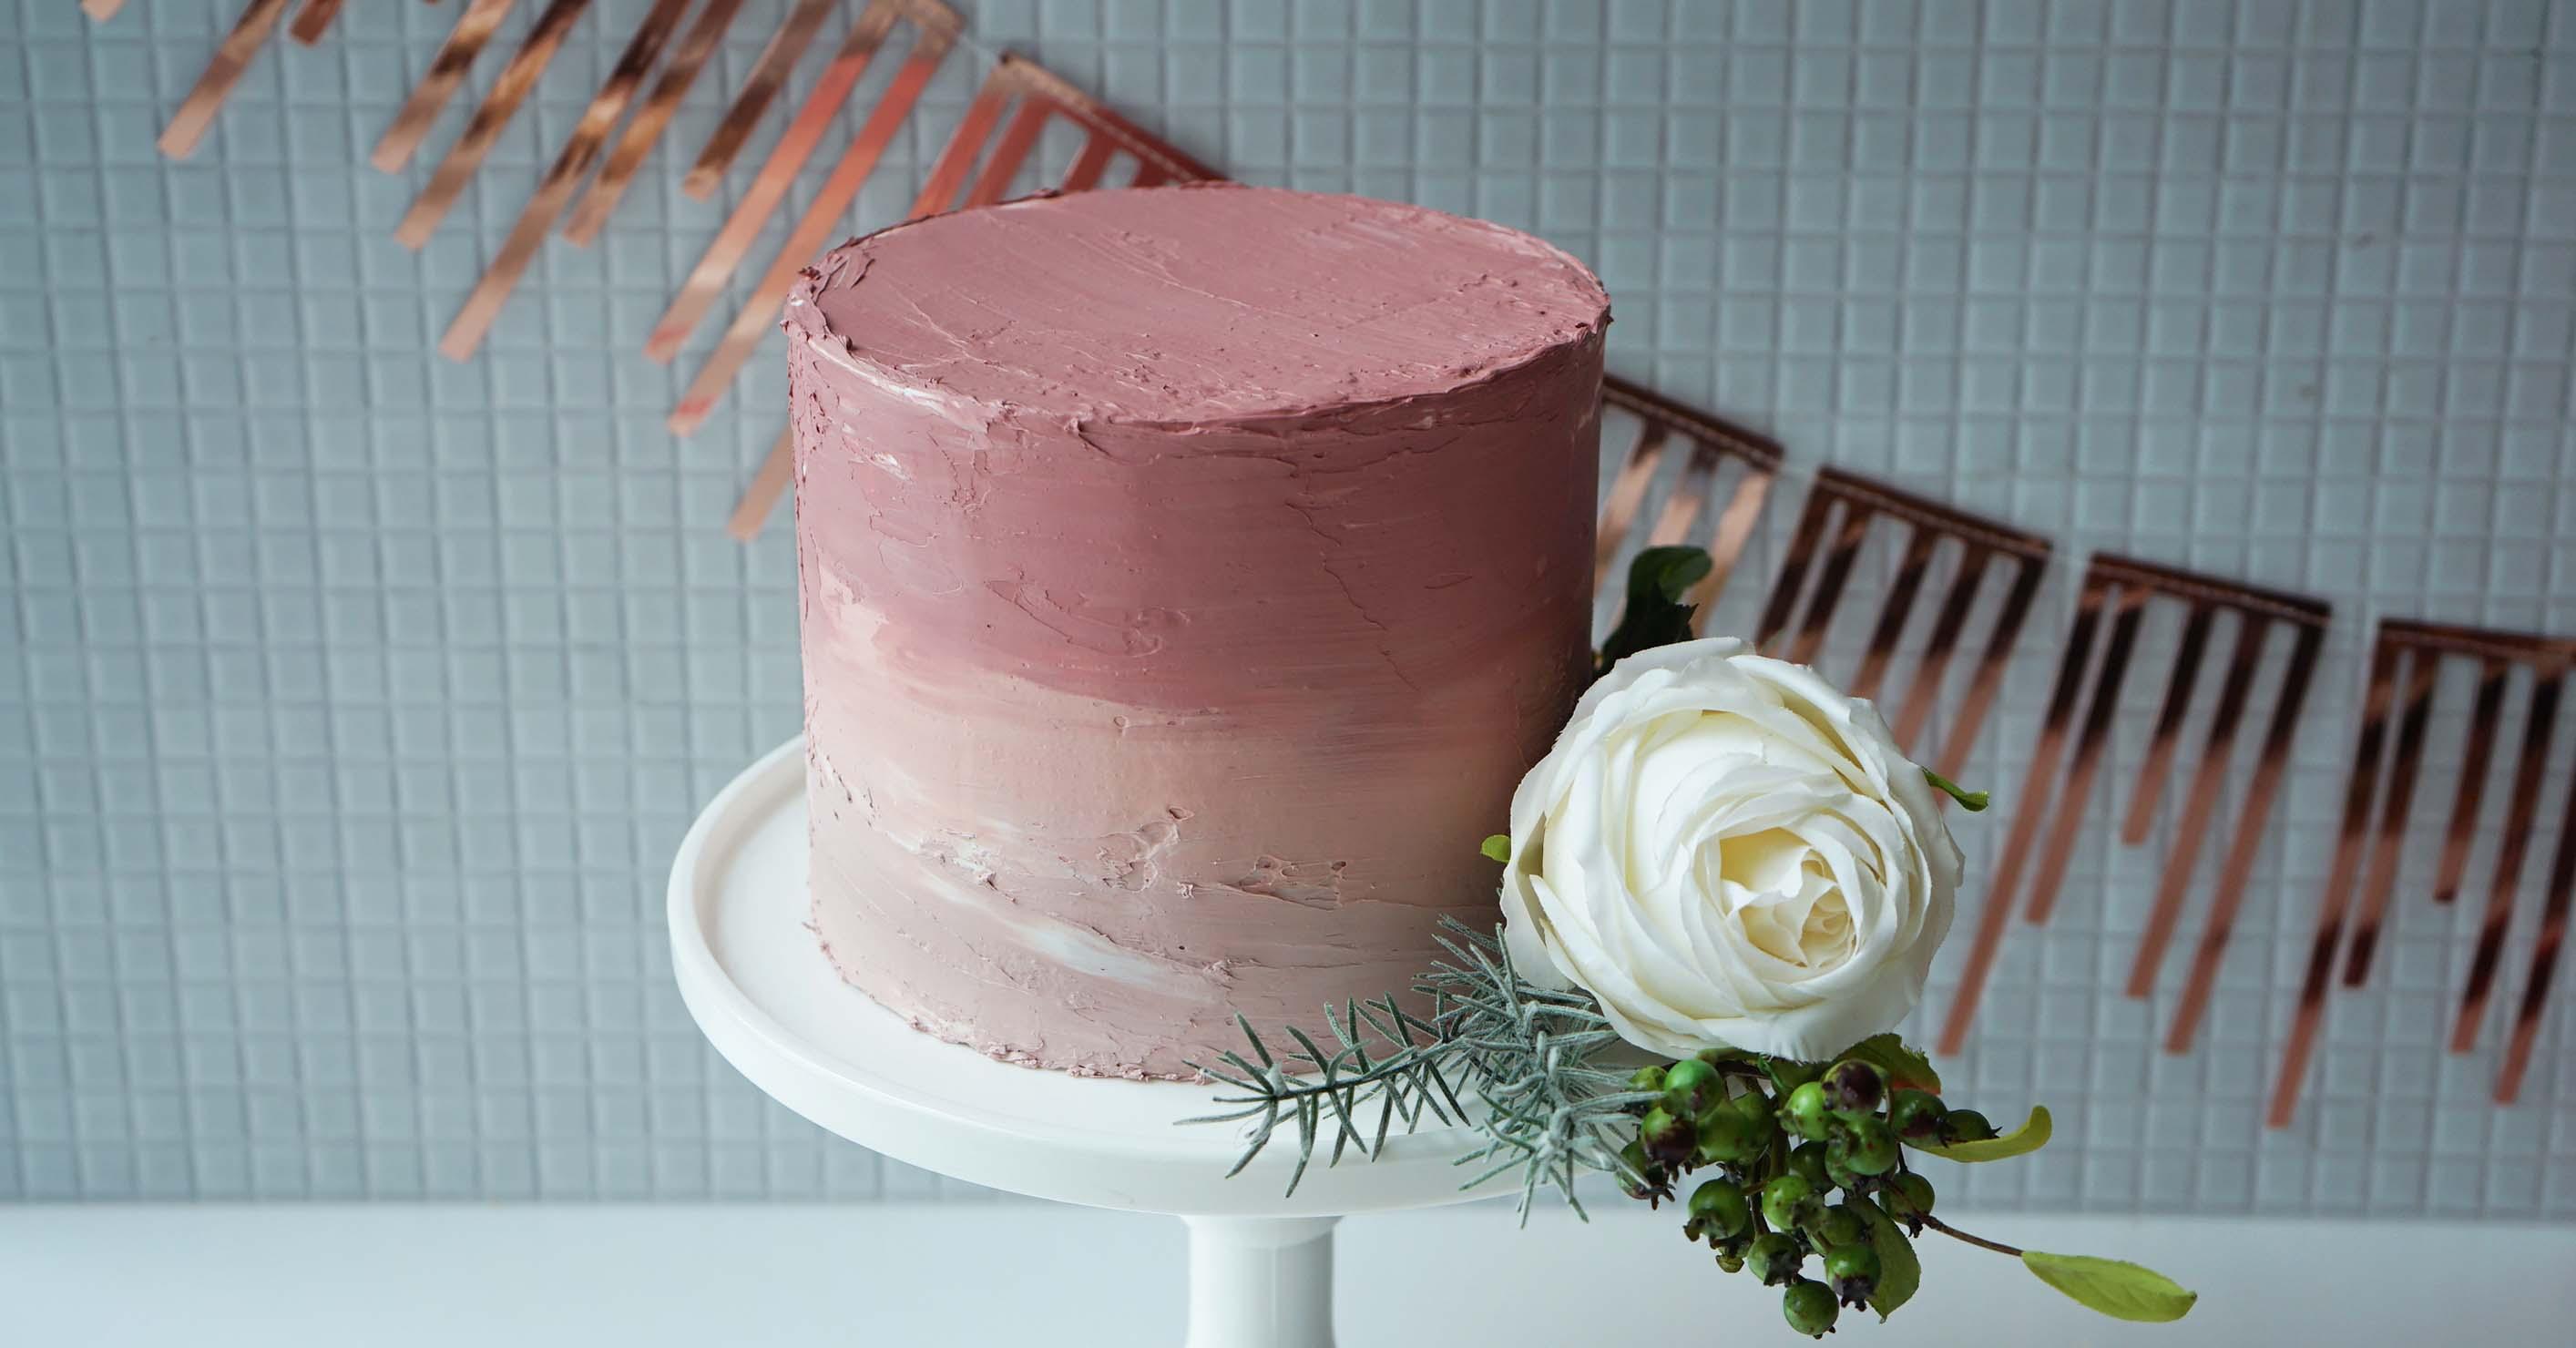 誰だって簡単に作れちゃう!クレイケーキの作り方&アイディア完全ガイド